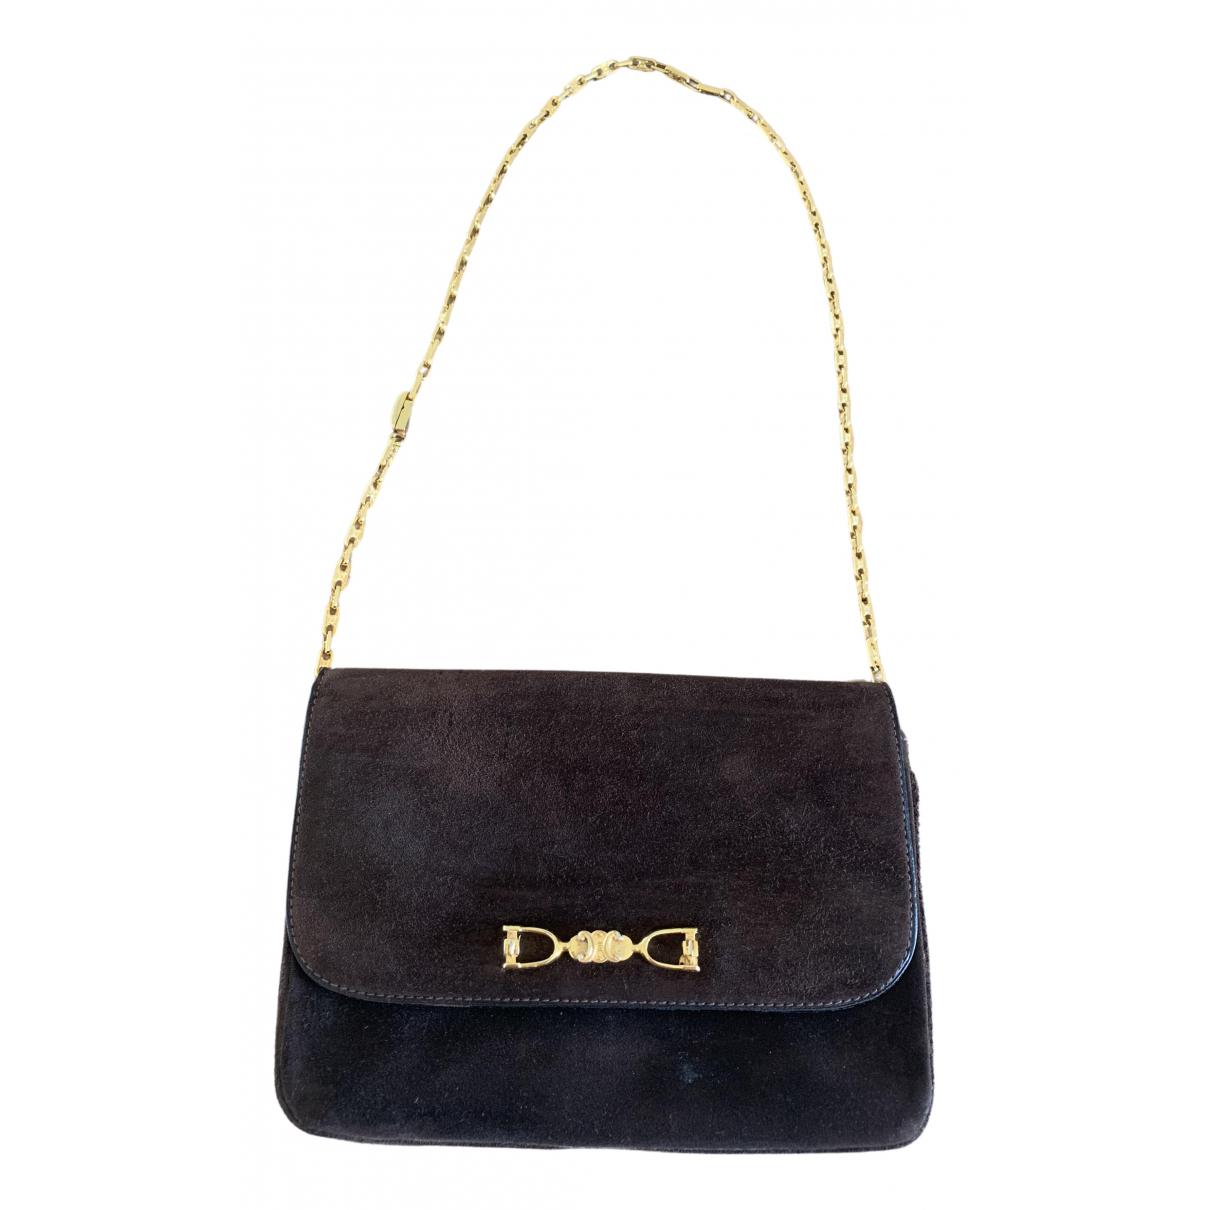 Celine \N Brown Suede handbag for Women \N